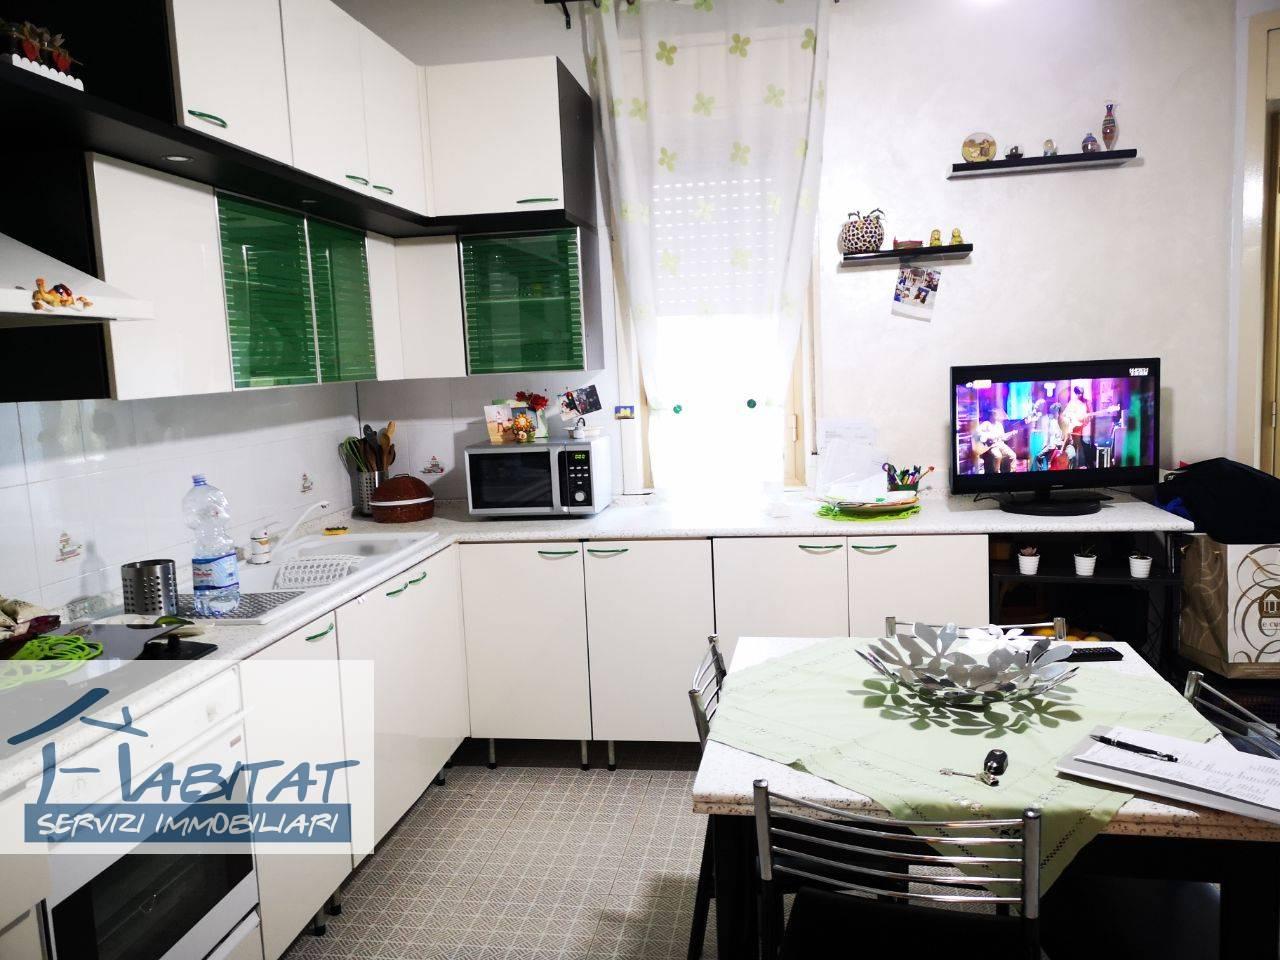 Appartamento in vendita a Agrigento, 5 locali, zona Località: Quadrivio, prezzo € 39.000 | PortaleAgenzieImmobiliari.it